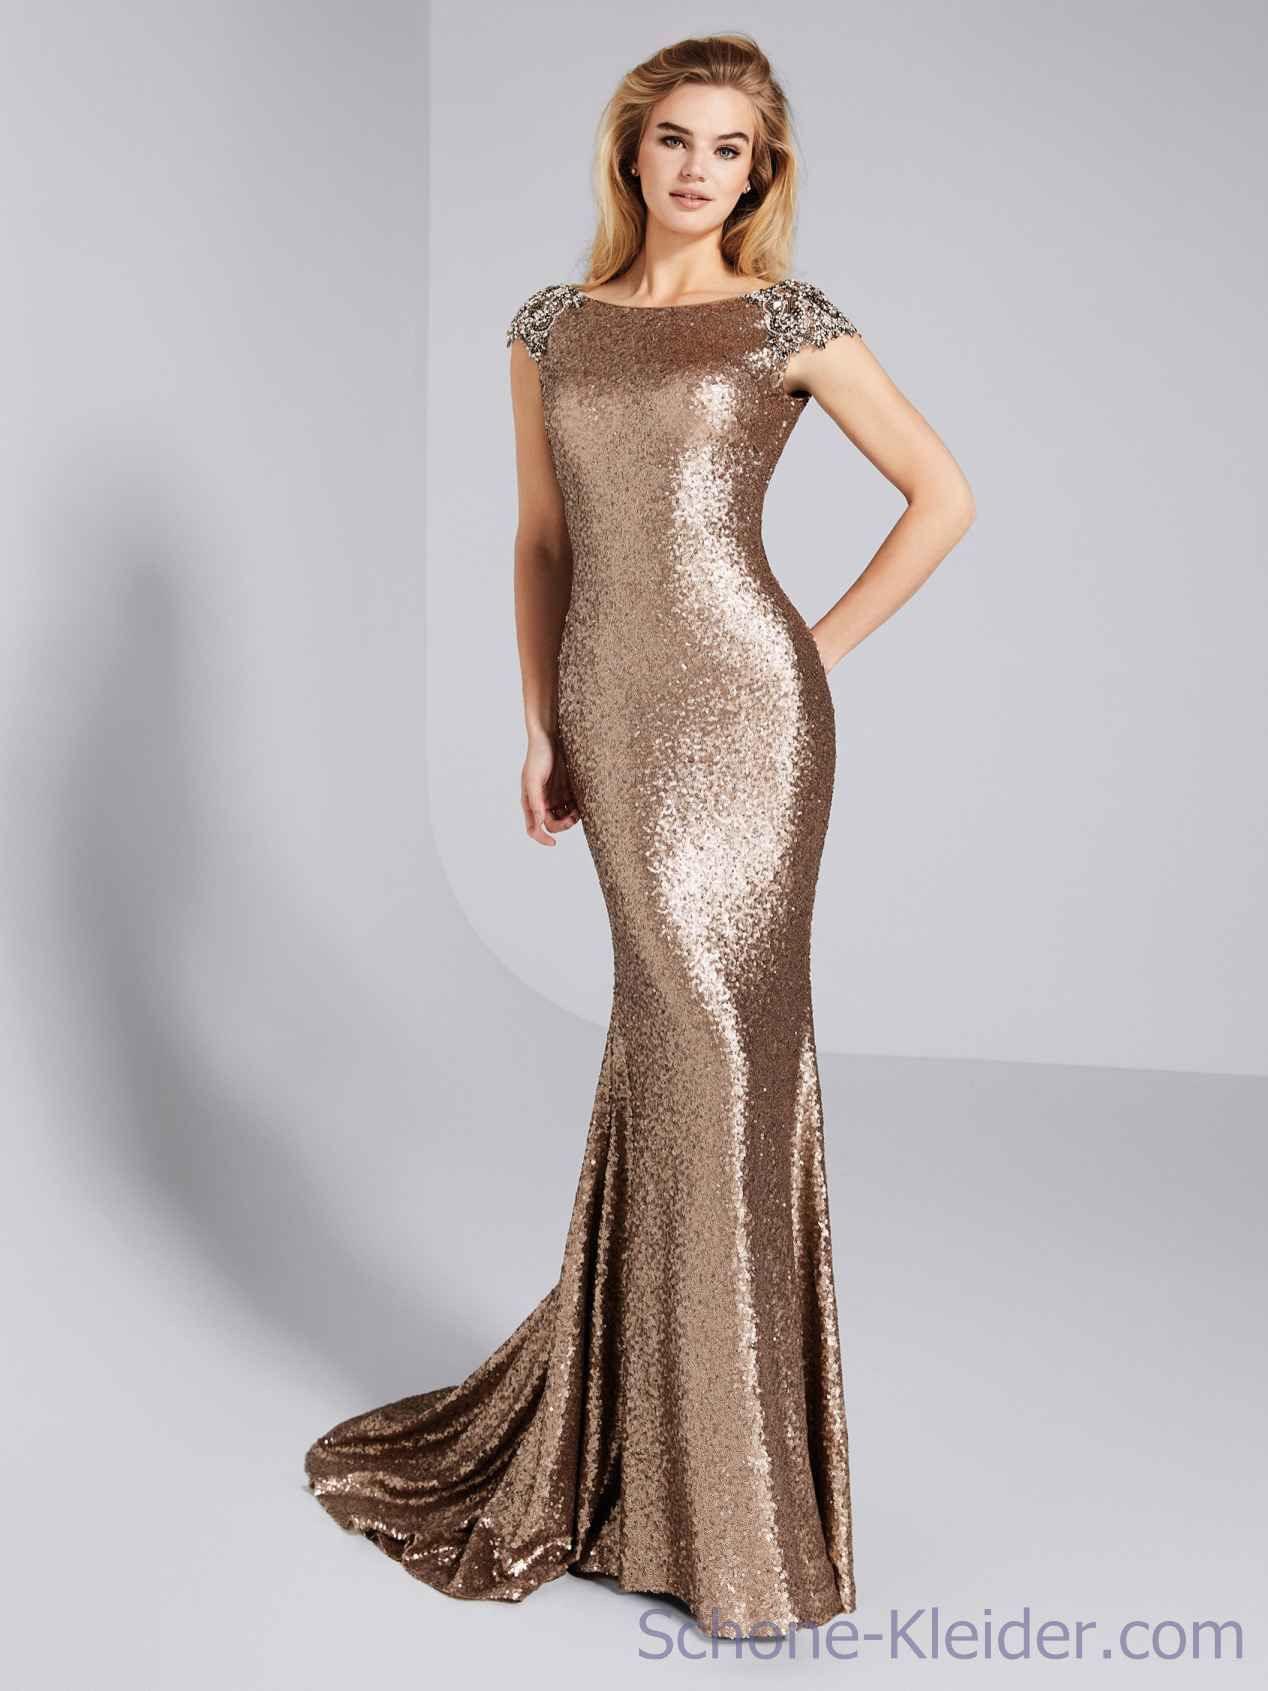 10 Genial Kleider Abendmode DesignFormal Perfekt Kleider Abendmode Bester Preis